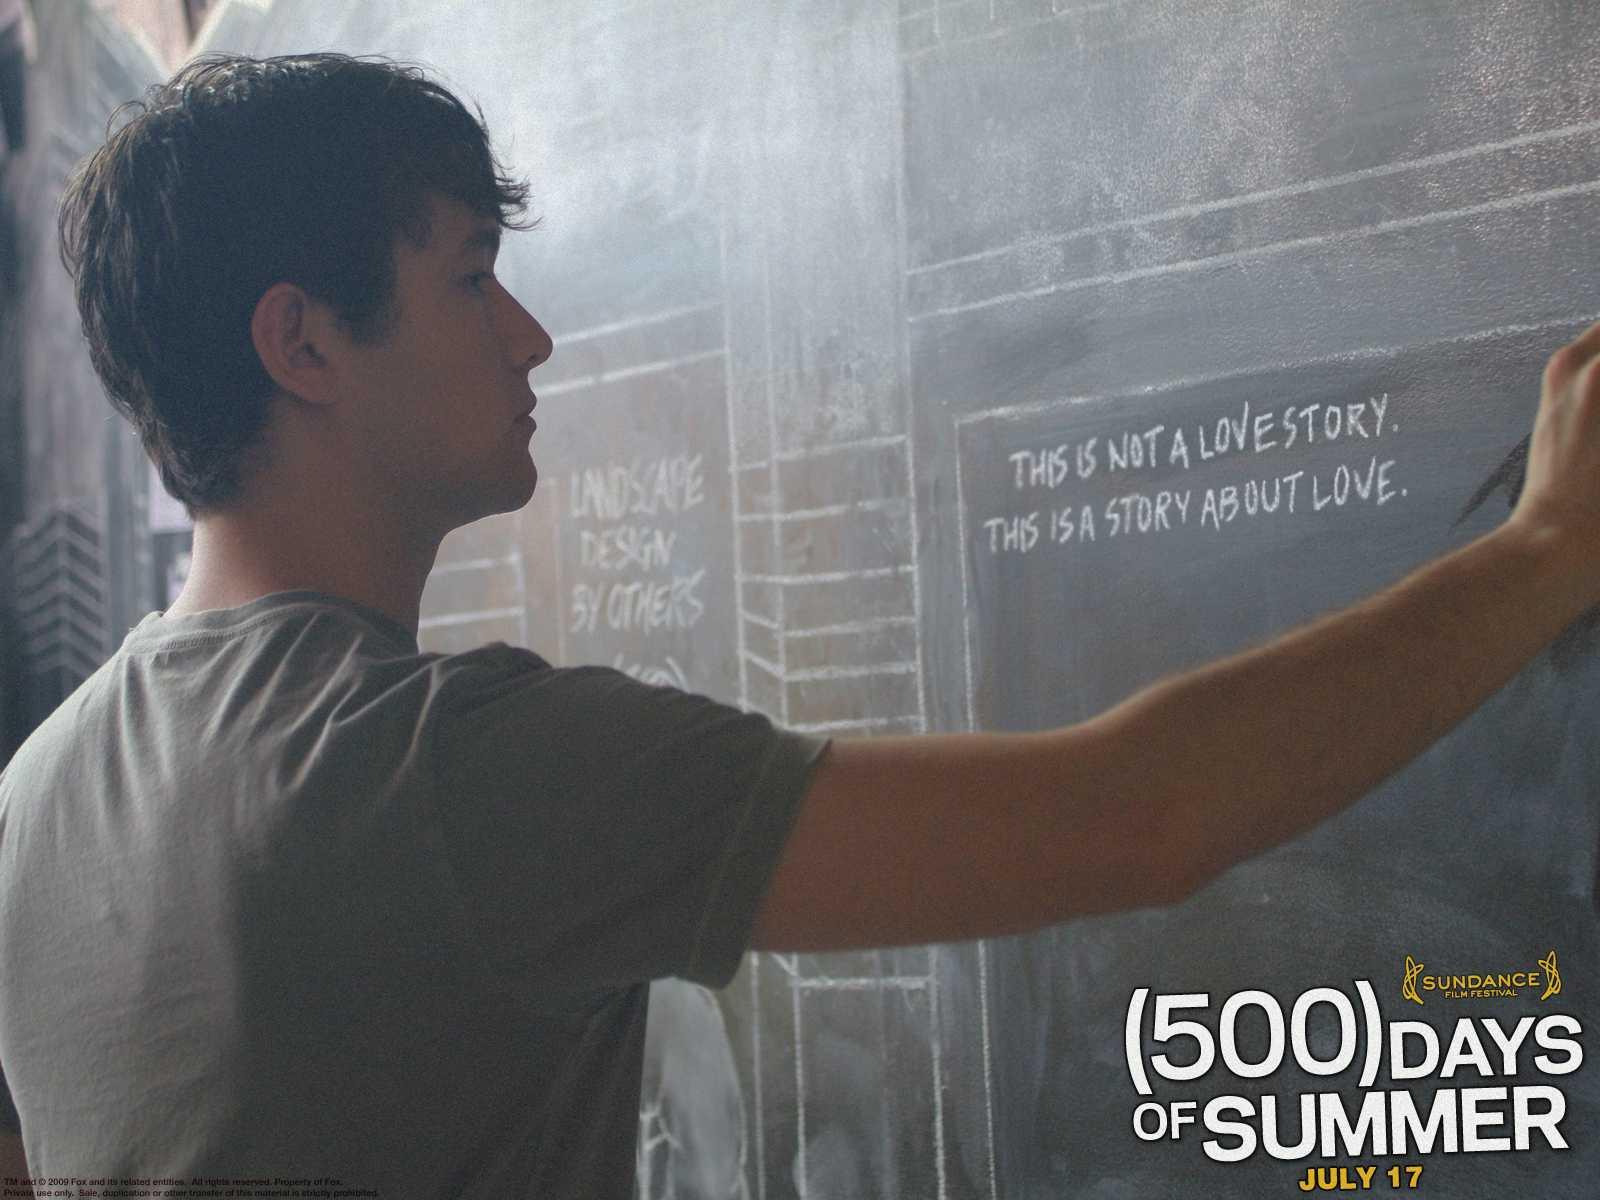 http://2.bp.blogspot.com/_aO-bOXzcWxA/SwqfPYY4bJI/AAAAAAAACVQ/S_2VGDy3n2s/s1600/500_days_of_summer_wallpaper_002.jpg